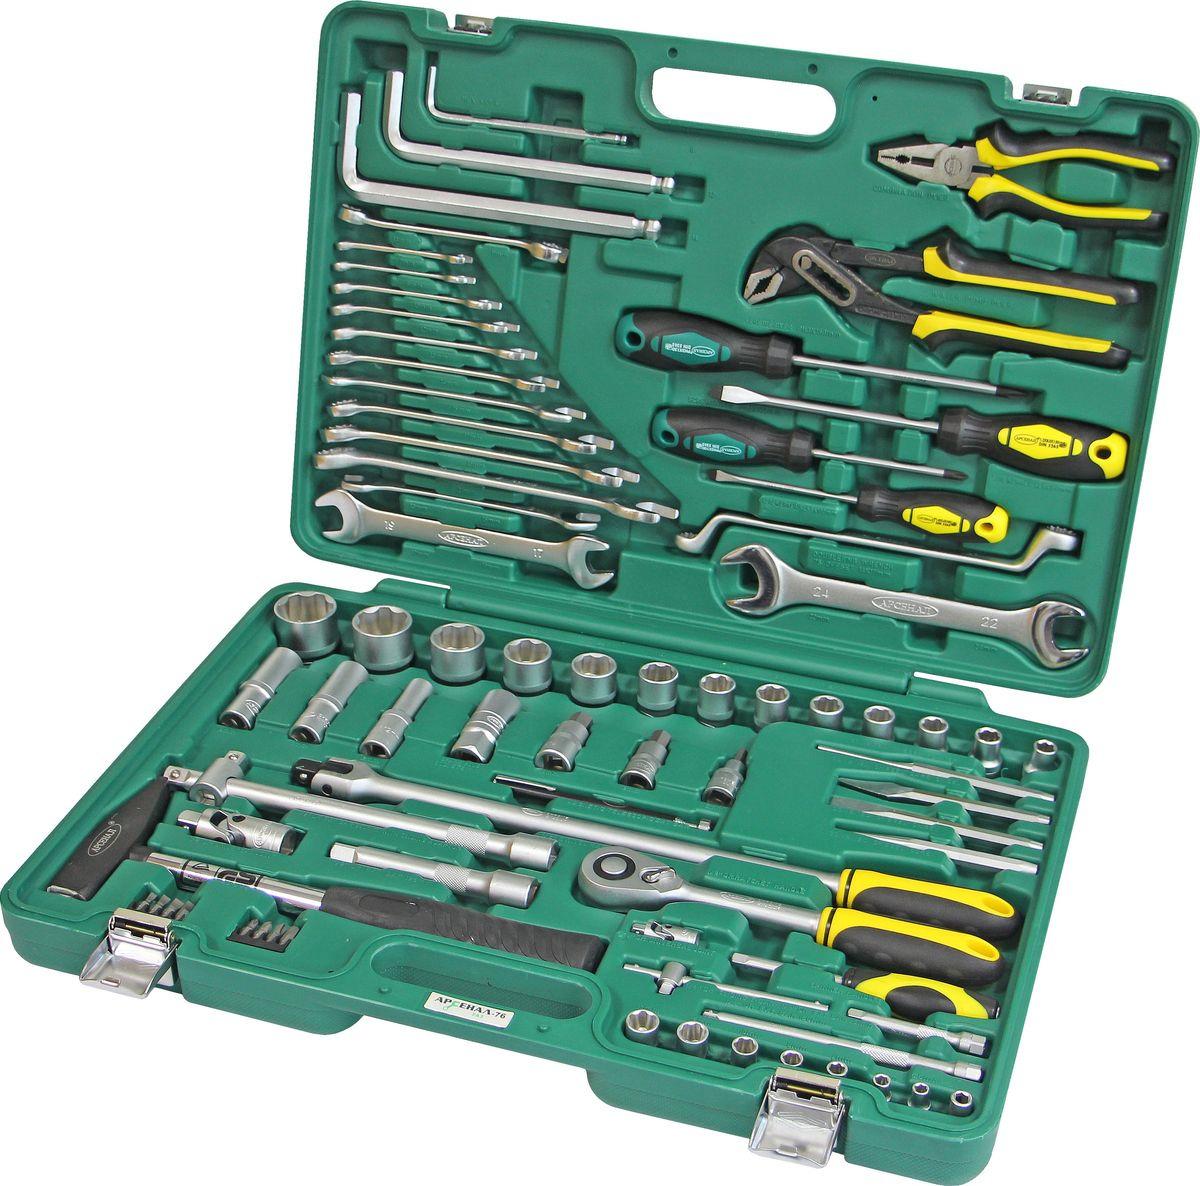 купить Набор инструментов Арсенал AA-C1412P76, 2269480, 76 предметов недорого